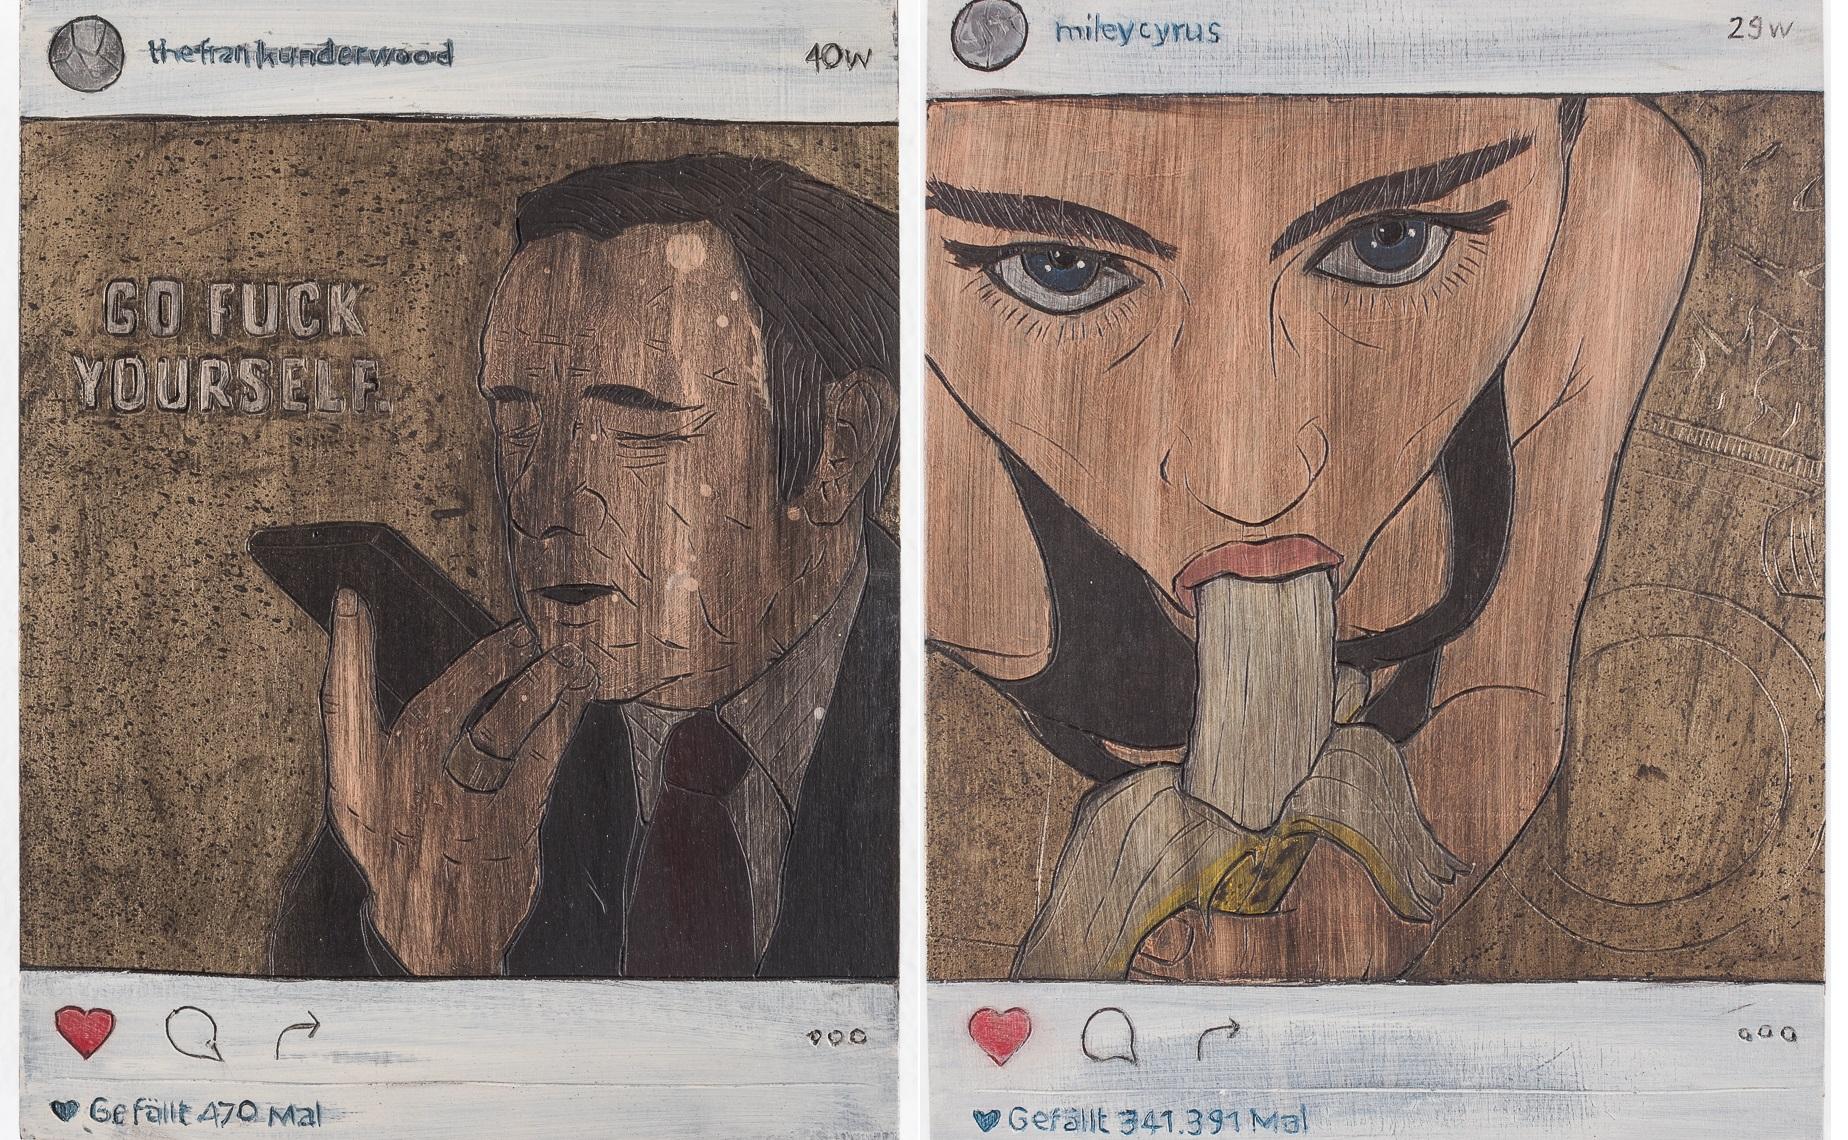 German artist turns famous Instagram posts into wooden handcrafts ...